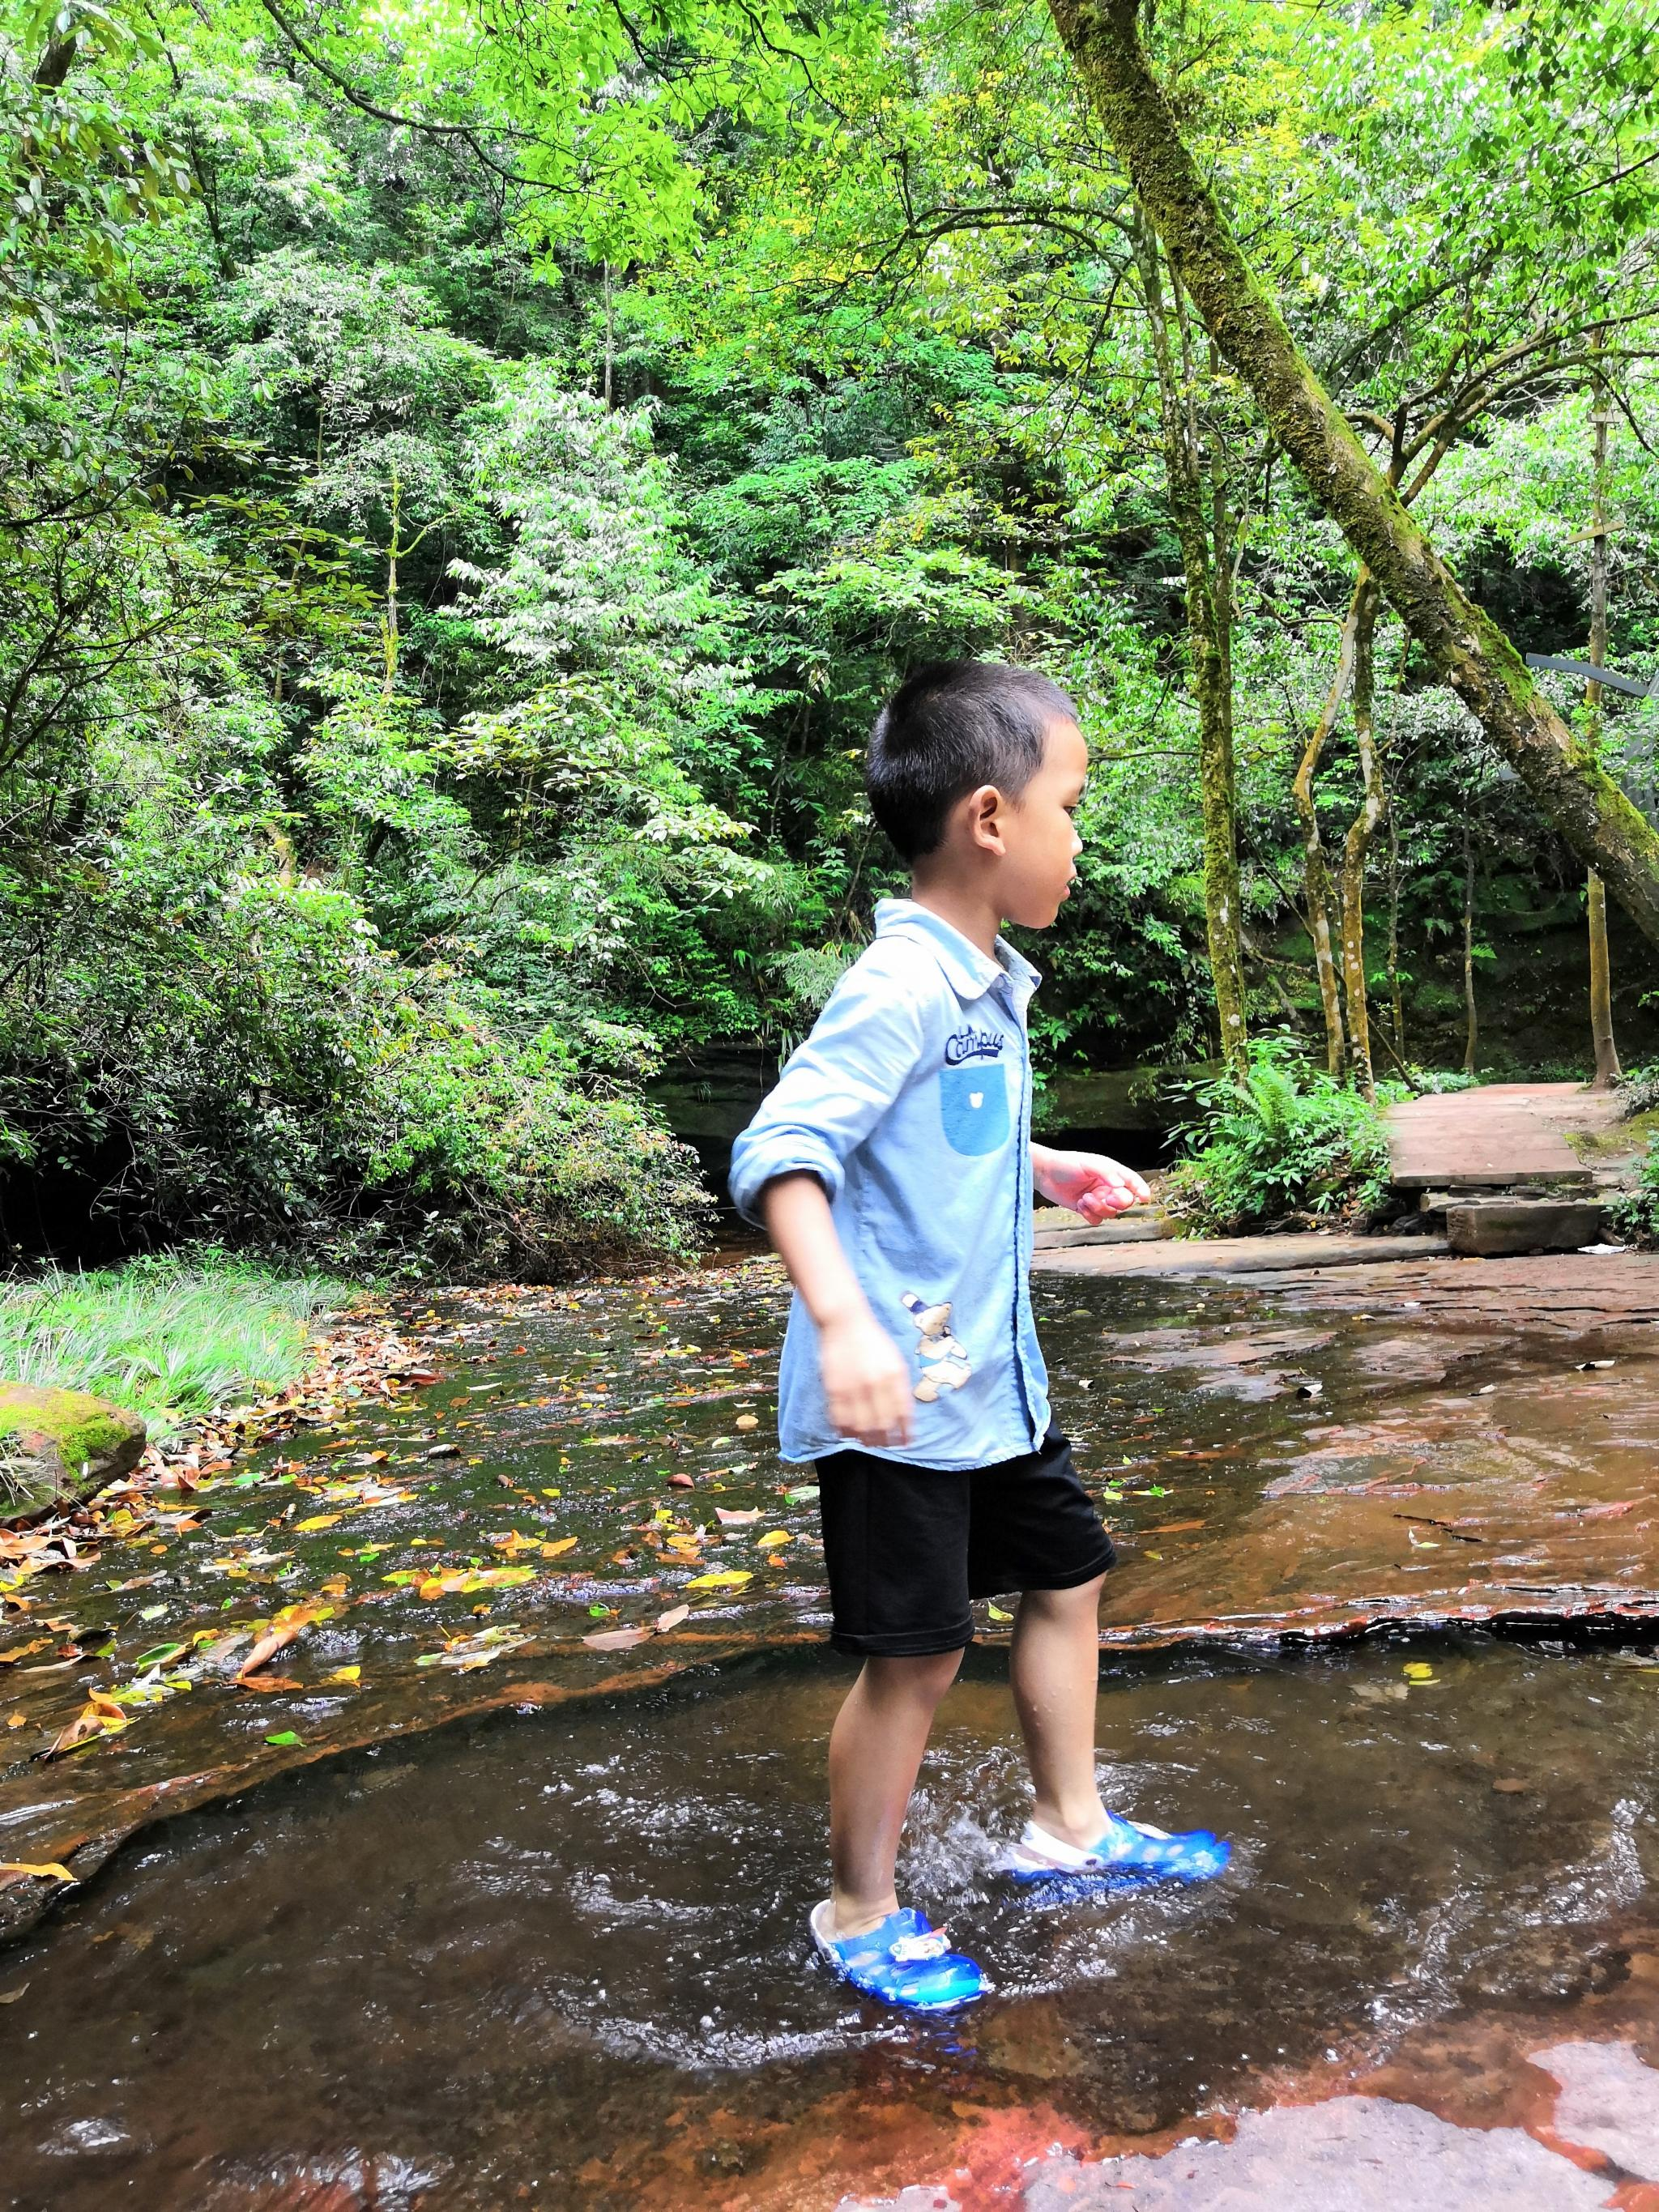 成都周边,避暑,玩水,采摘,带娃好去处,强烈推荐--天台山